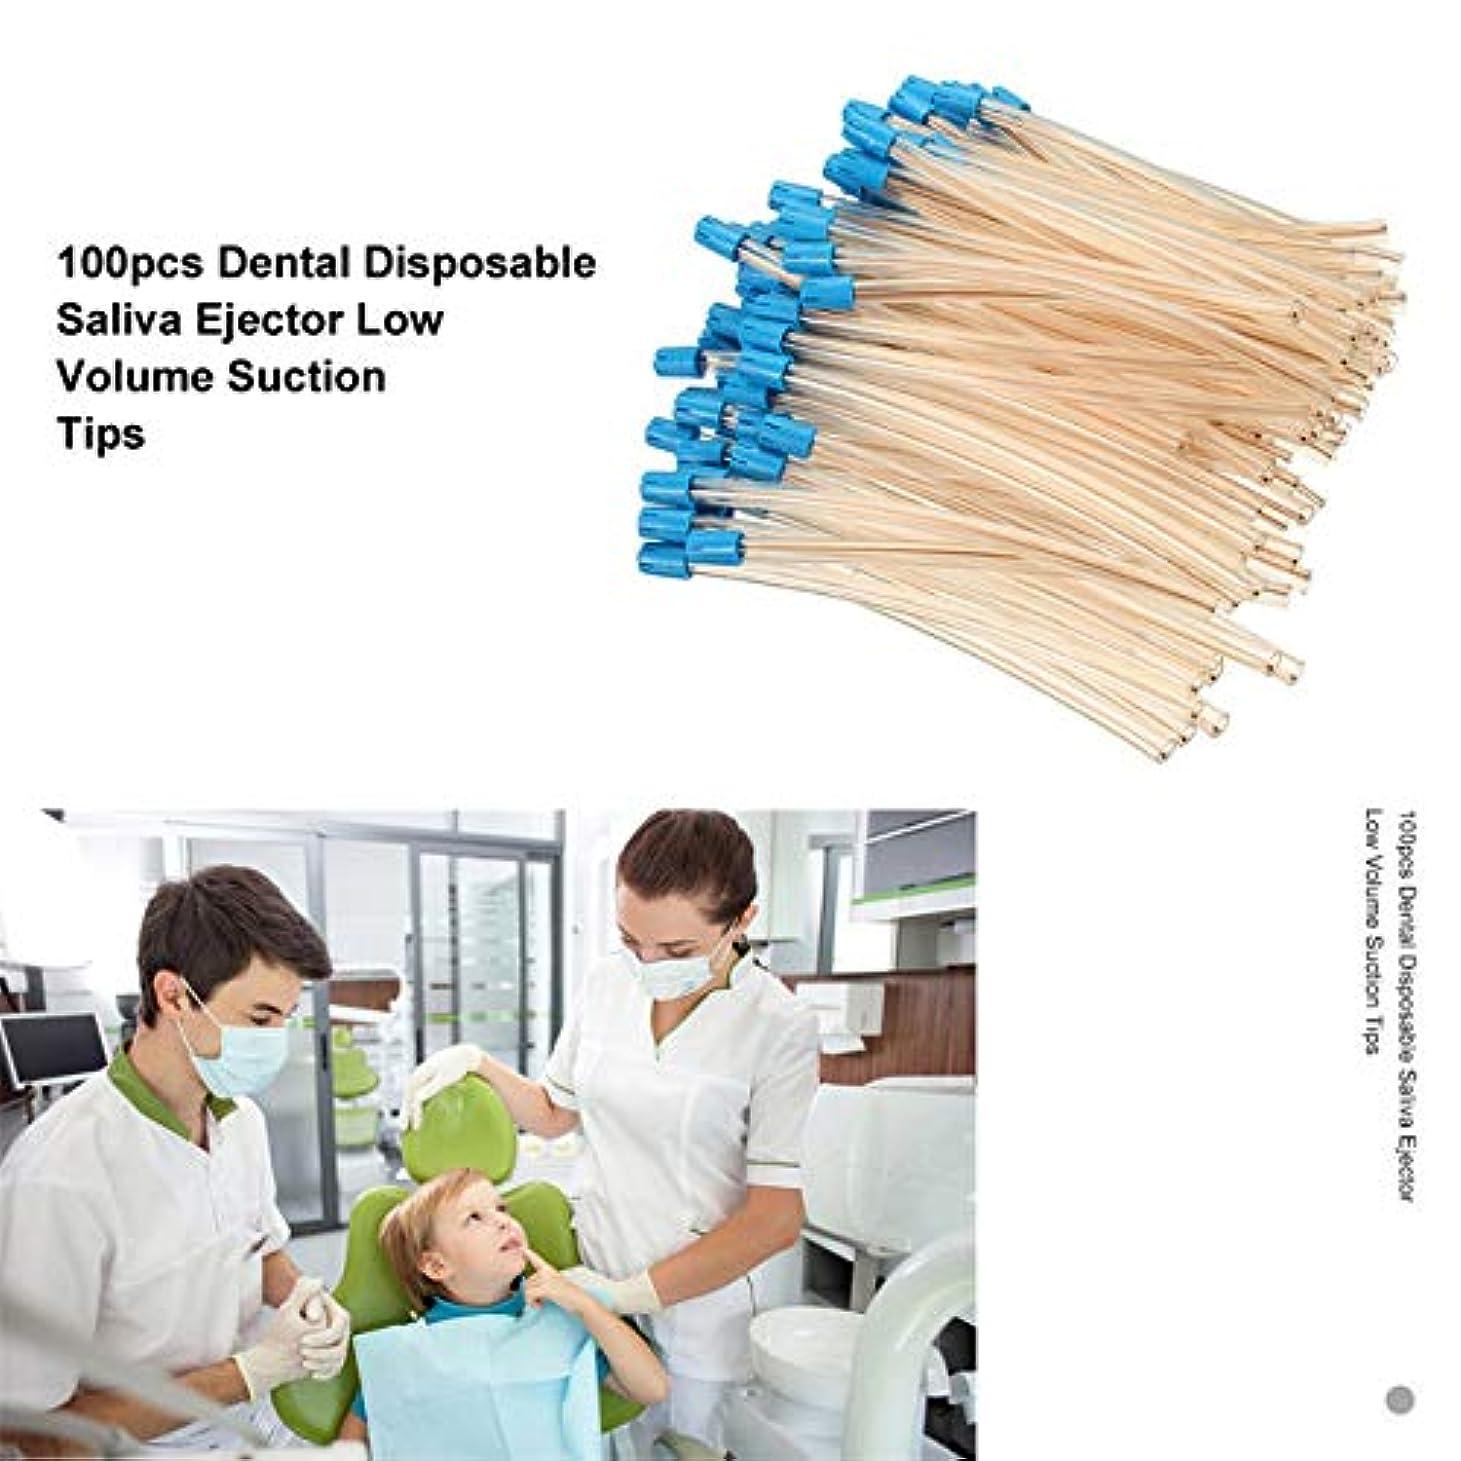 集計毎週喜ぶRabugoo 100個の歯科用使い捨て唾液エジェクタ低容量吸引チップアスピレータチューブオーラルケアツール